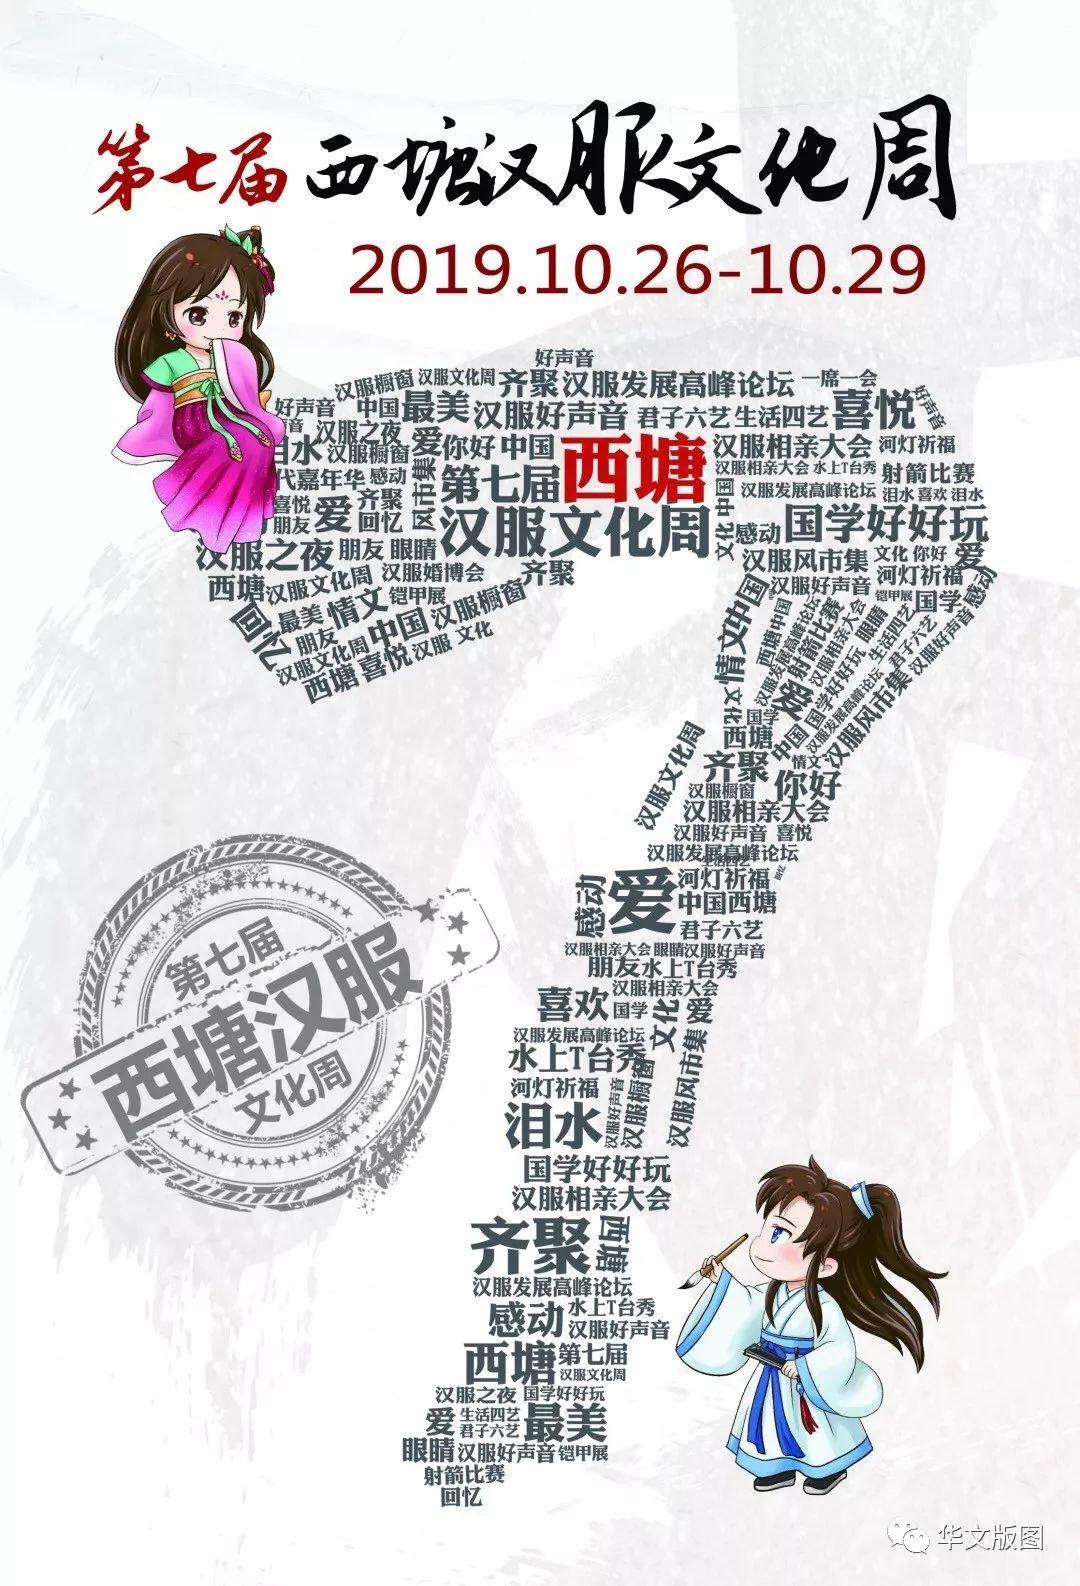 中国汉服汉文化网:【汉服活动】第七届西塘汉服文化周活动日程